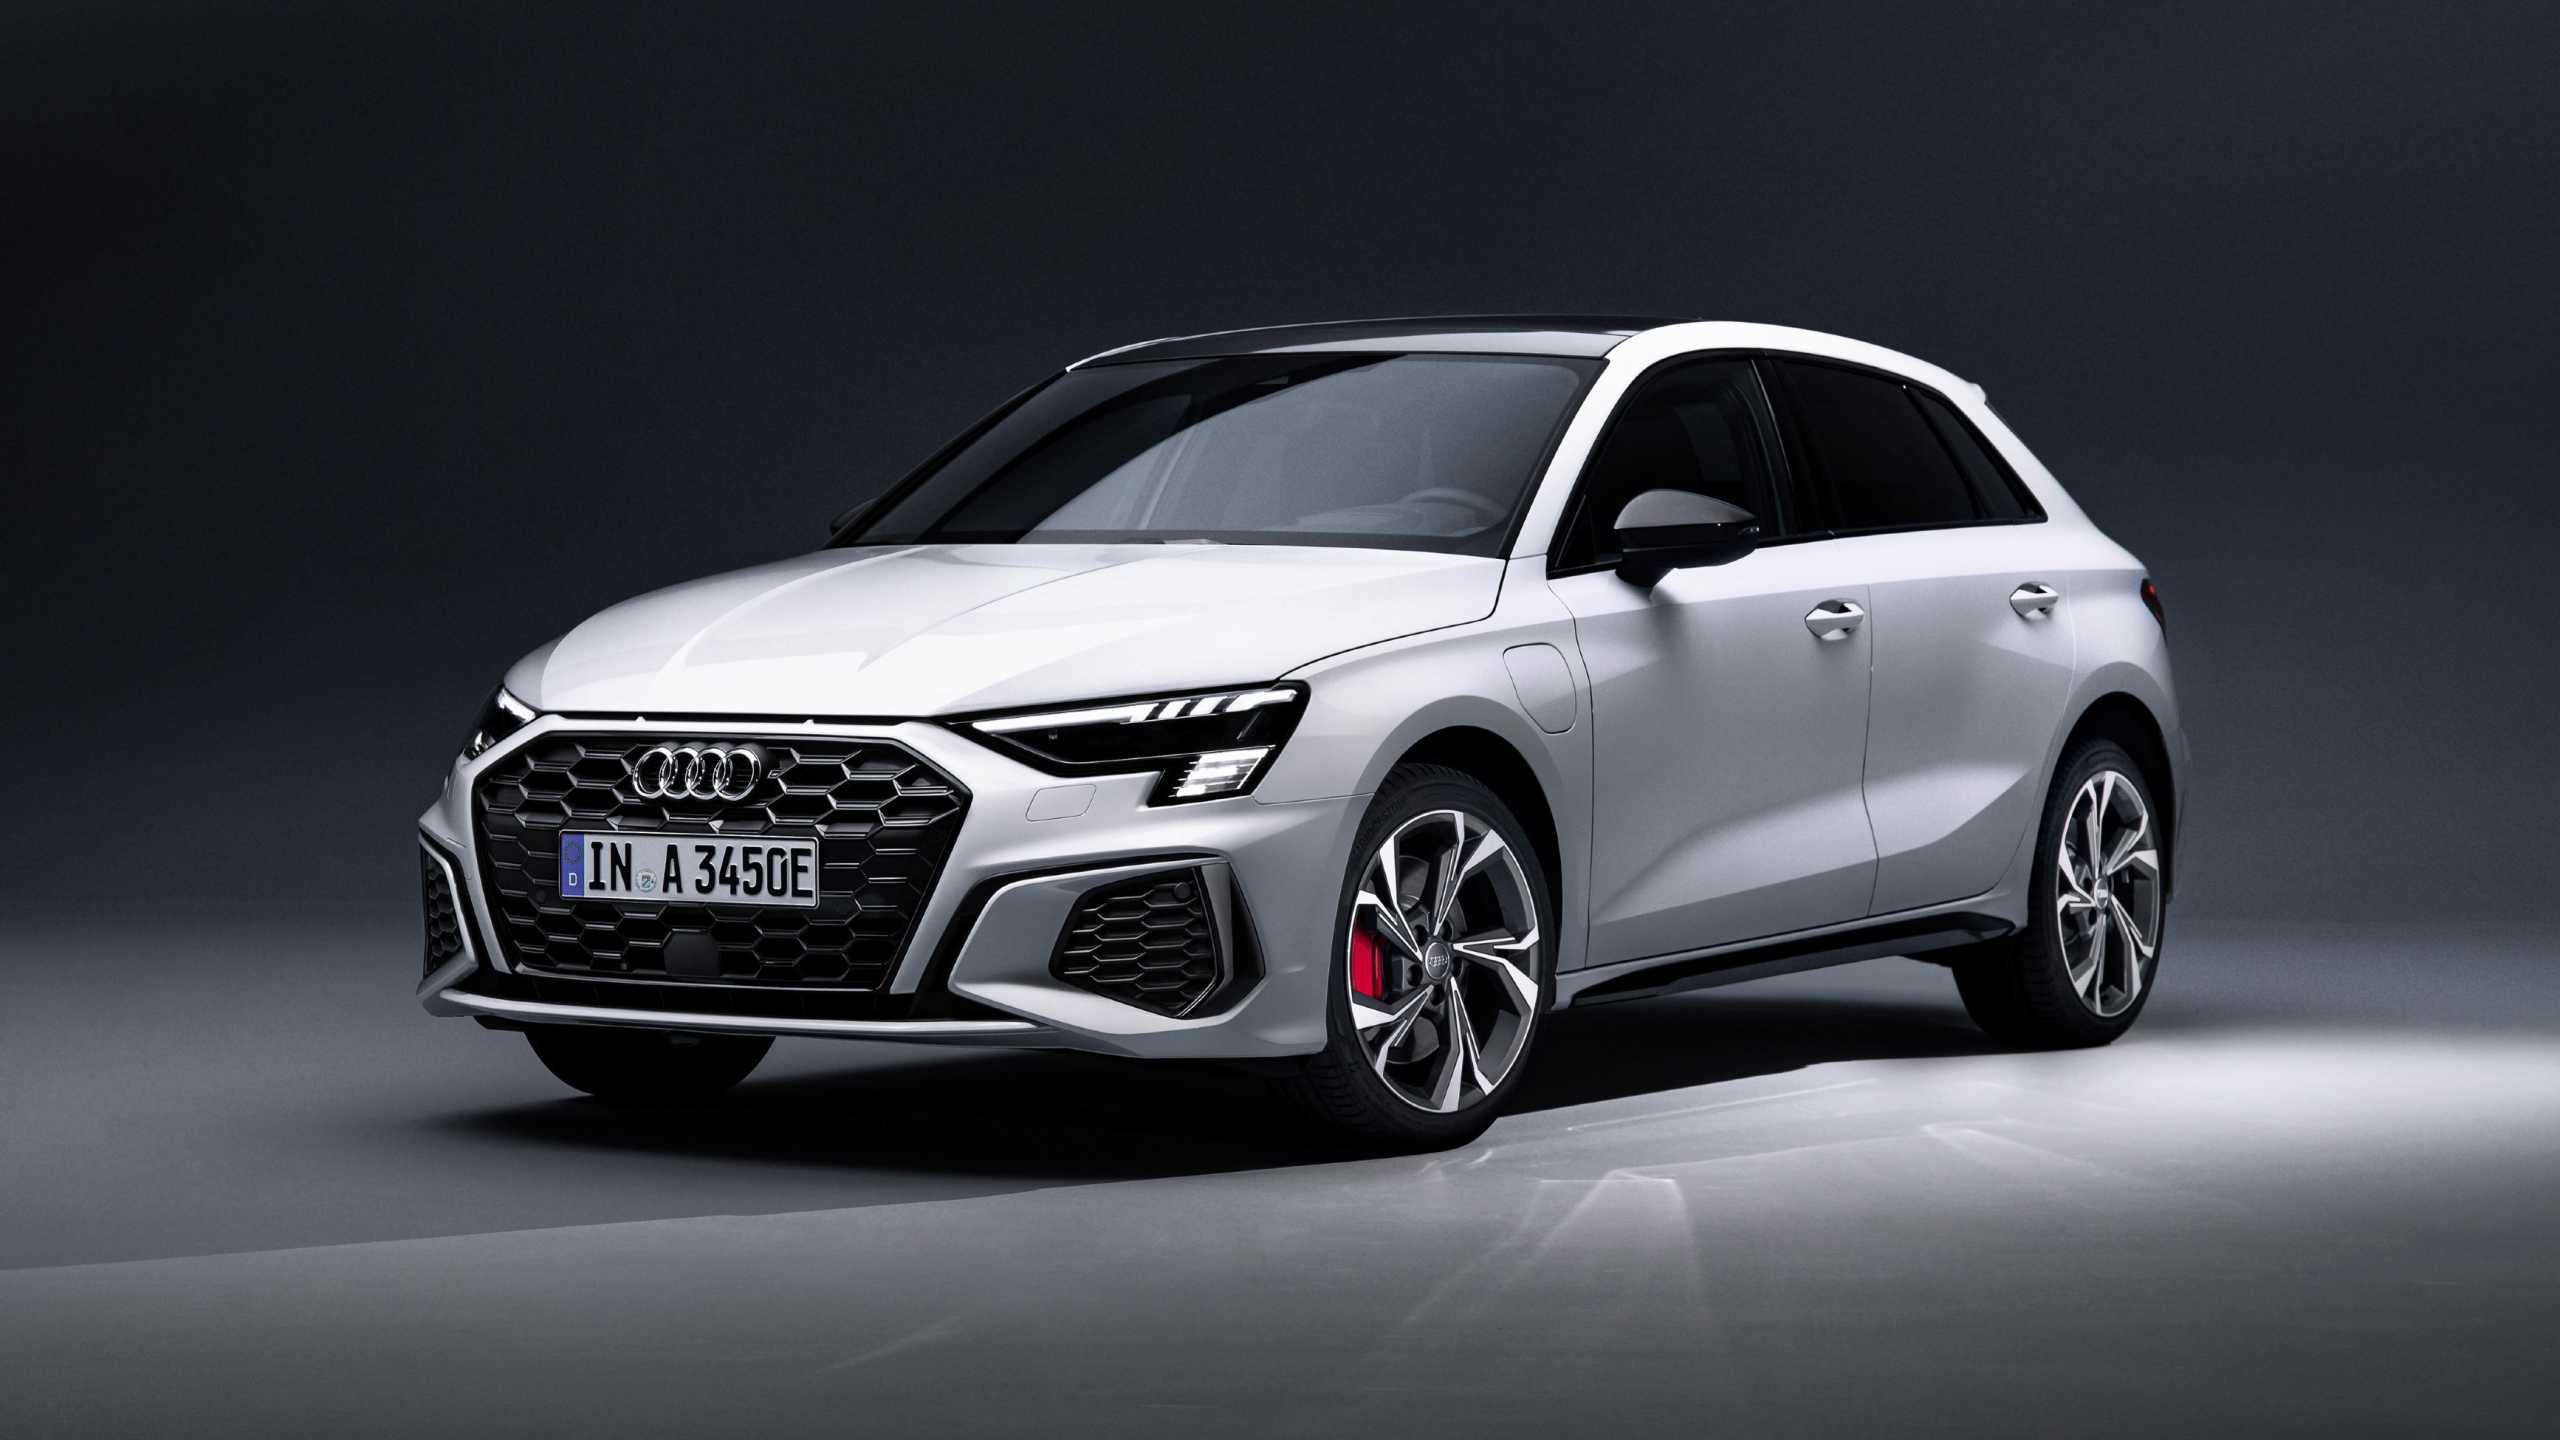 Νέα υβριδική έκδοση του Audi A3 Sportback με 245 ίππους